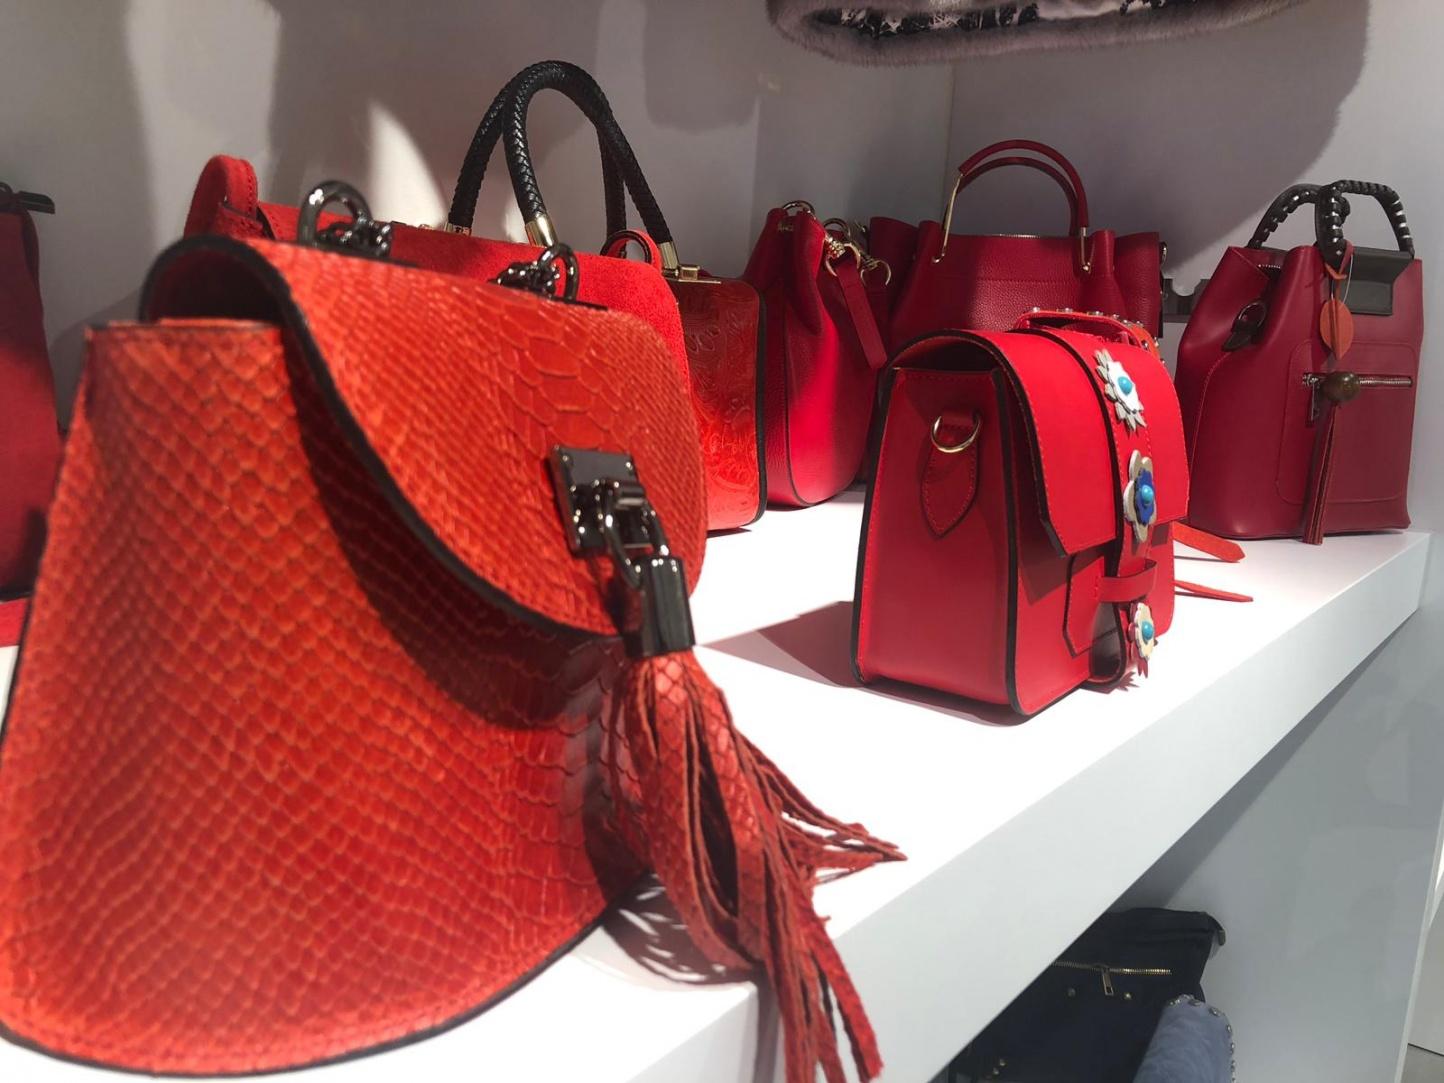 Bolsos de piel y complementos de moda: la esencia de lo esencial - Img 2